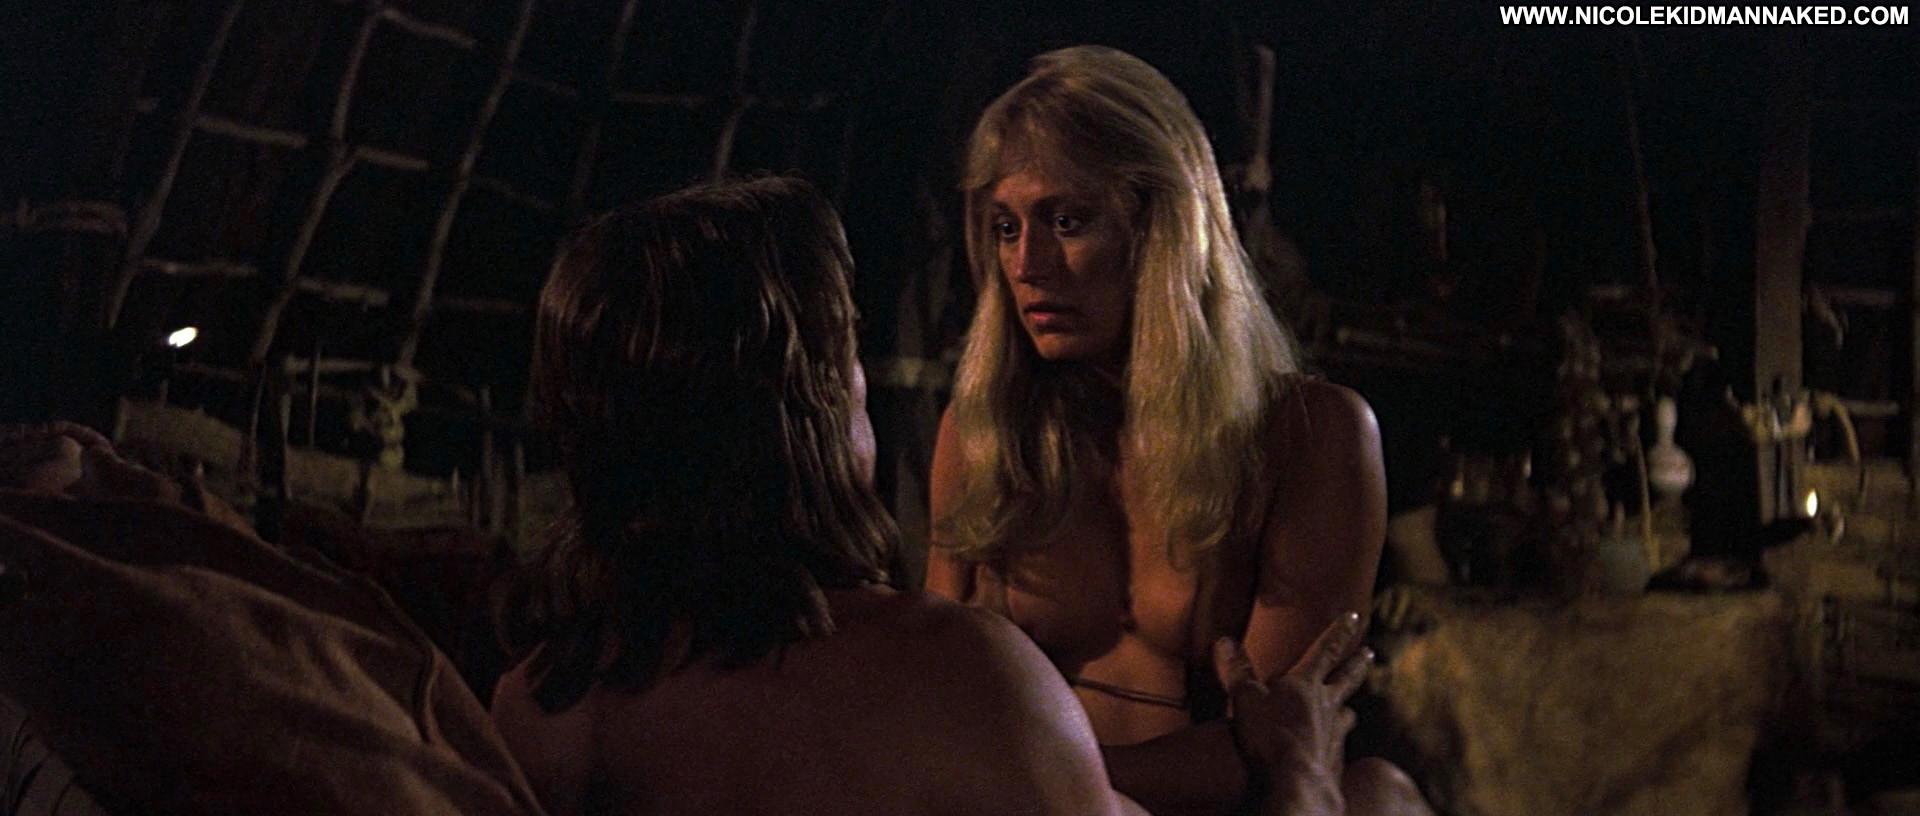 Pity, Barbarian movie sex